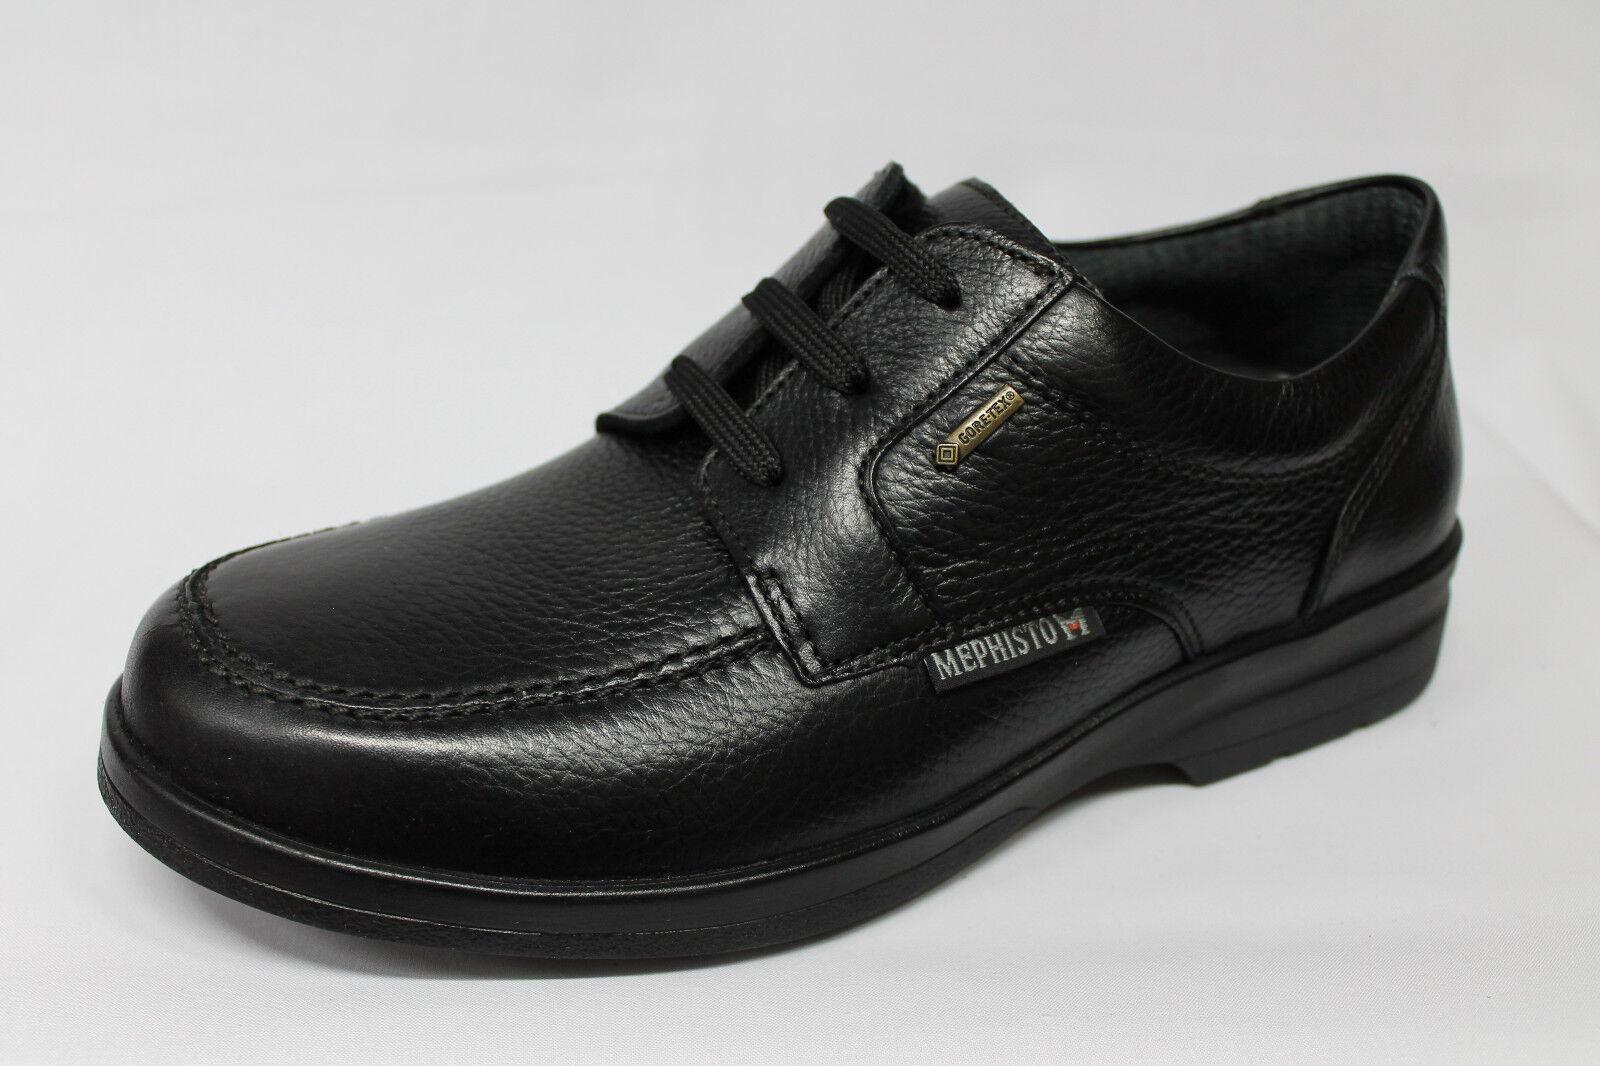 Scarpe pelle Mephisto Jarno GT Gore-Tex pelle Scarpe nera listino€185 - 20% eb180a